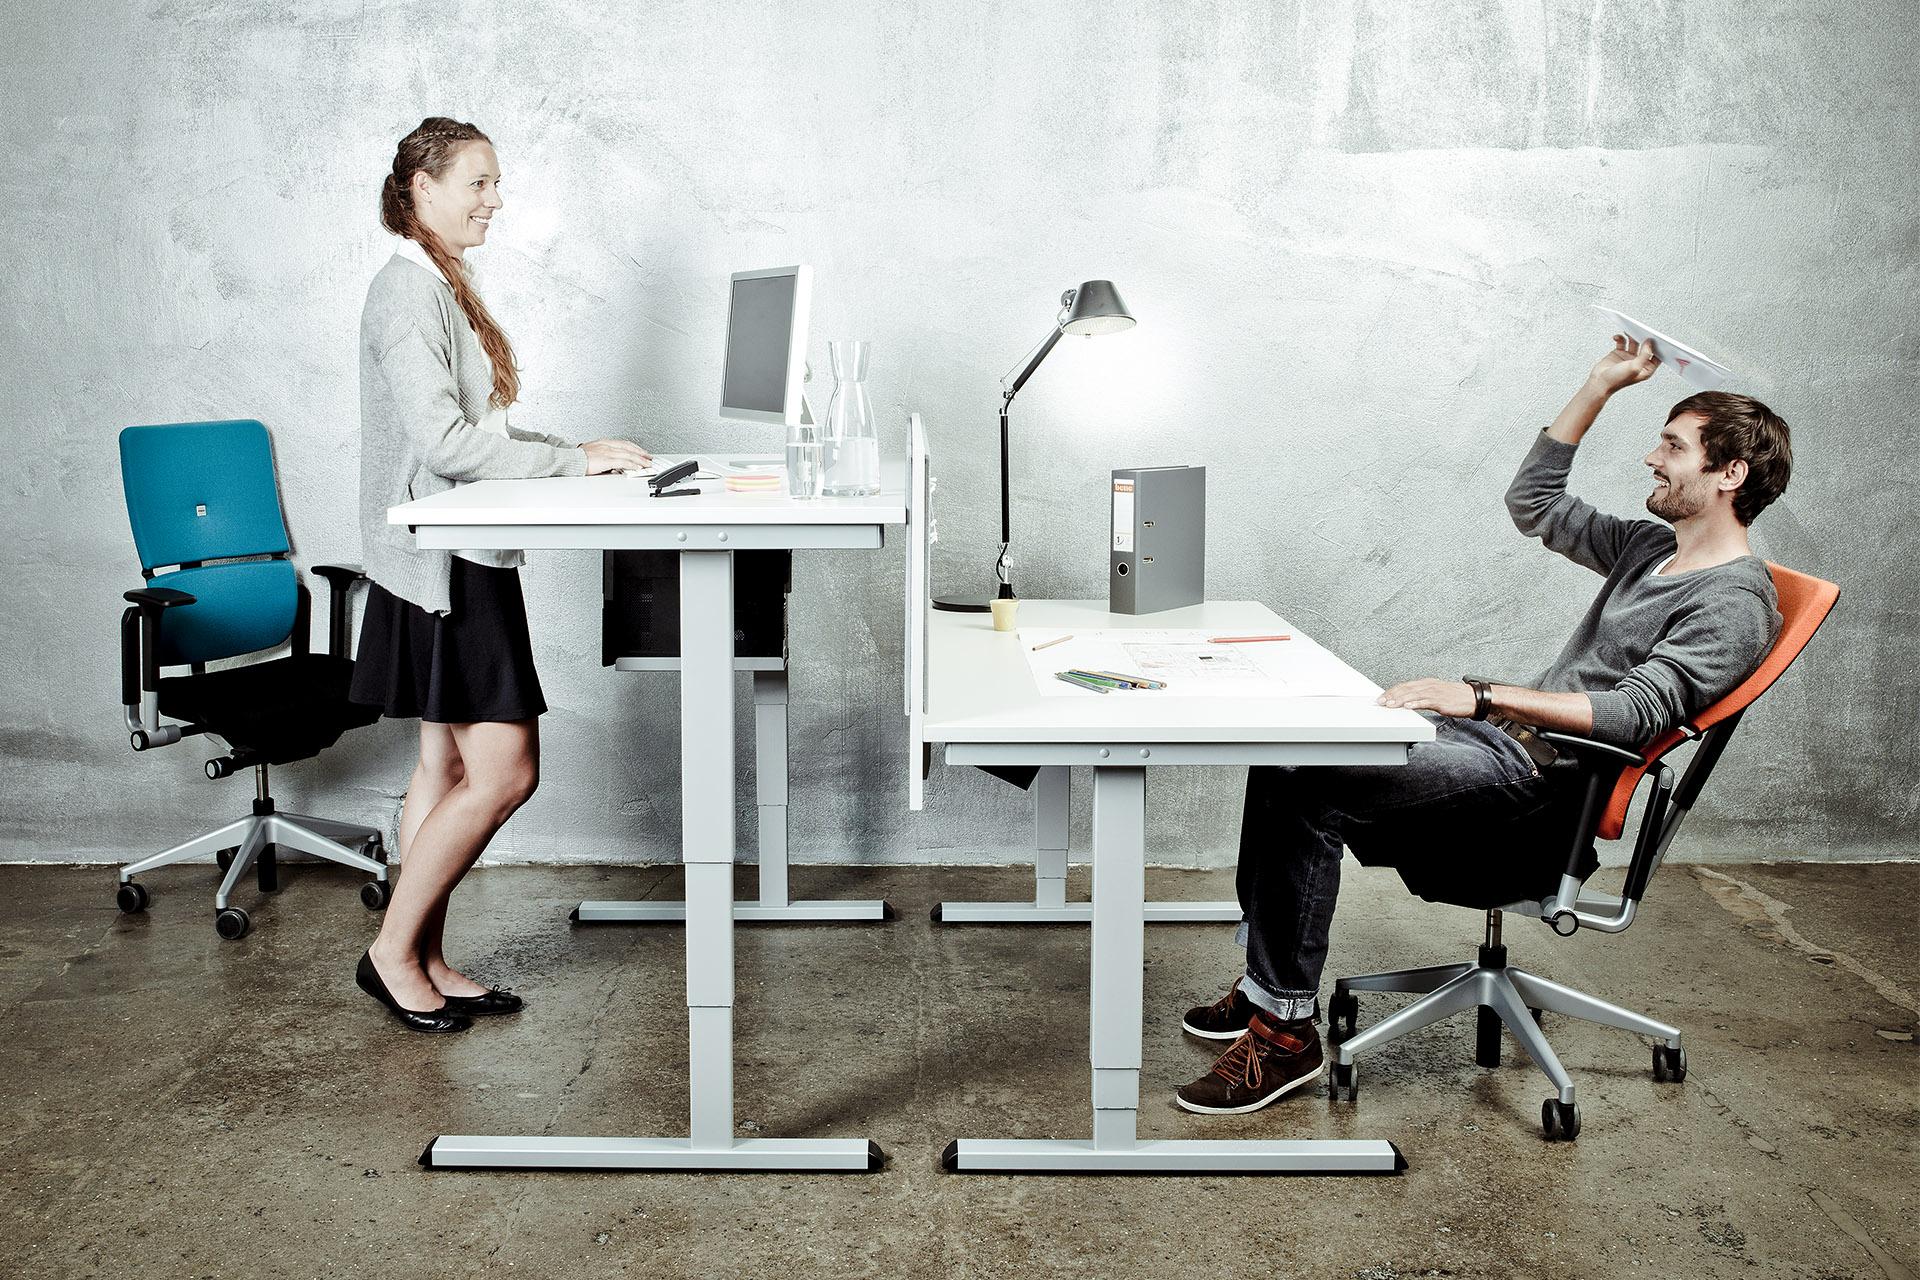 Produktfotografie - Bueroeinrichtung für die Messerle GmbH